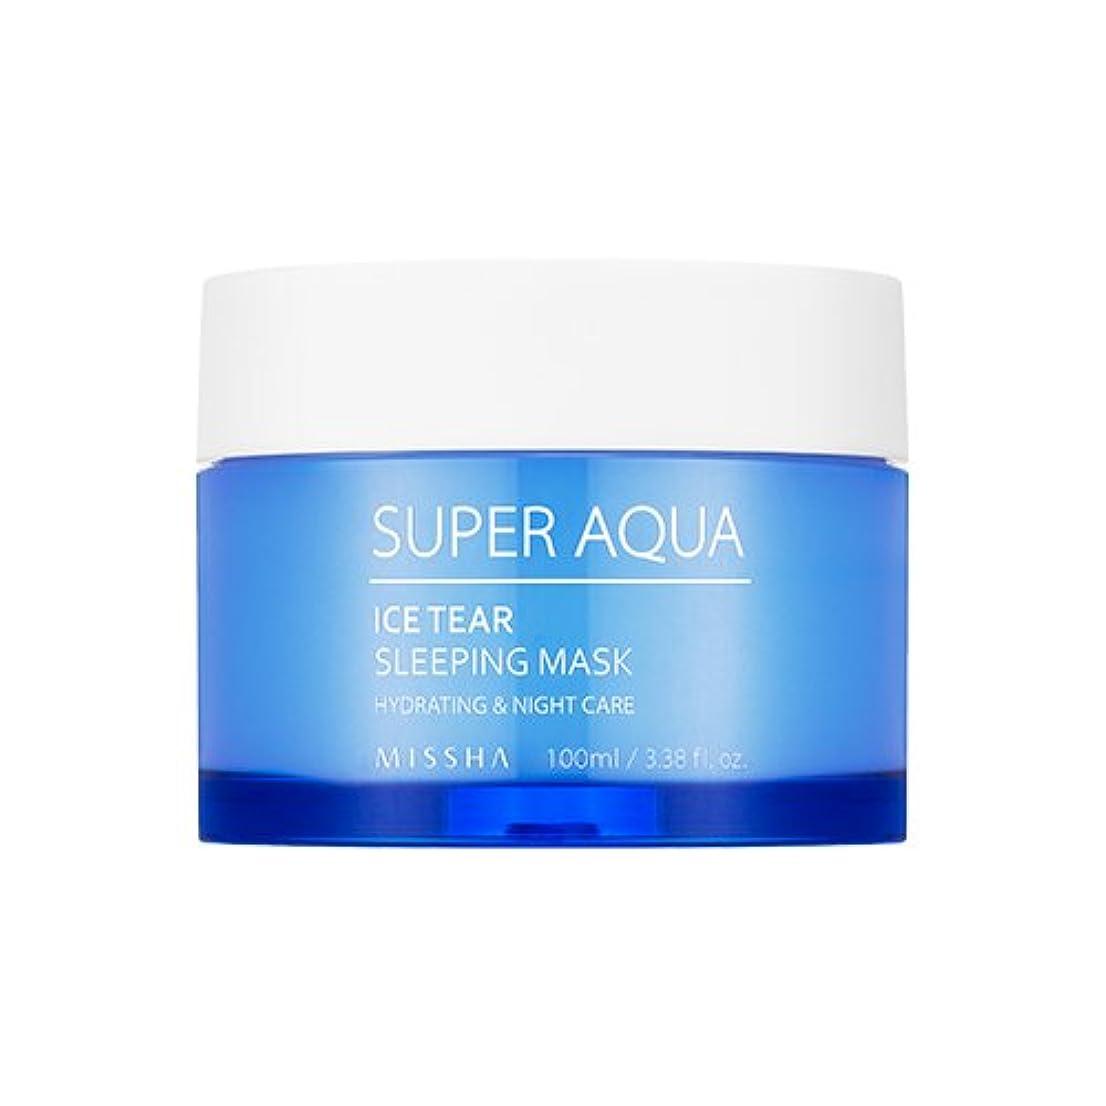 ぬいぐるみ真実にプーノMISSHA Super Aqua Ice Tear Sleeping Mask 100ml / ミシャ スーパーアクア アイスティアスリーピングマスク [並行輸入品]